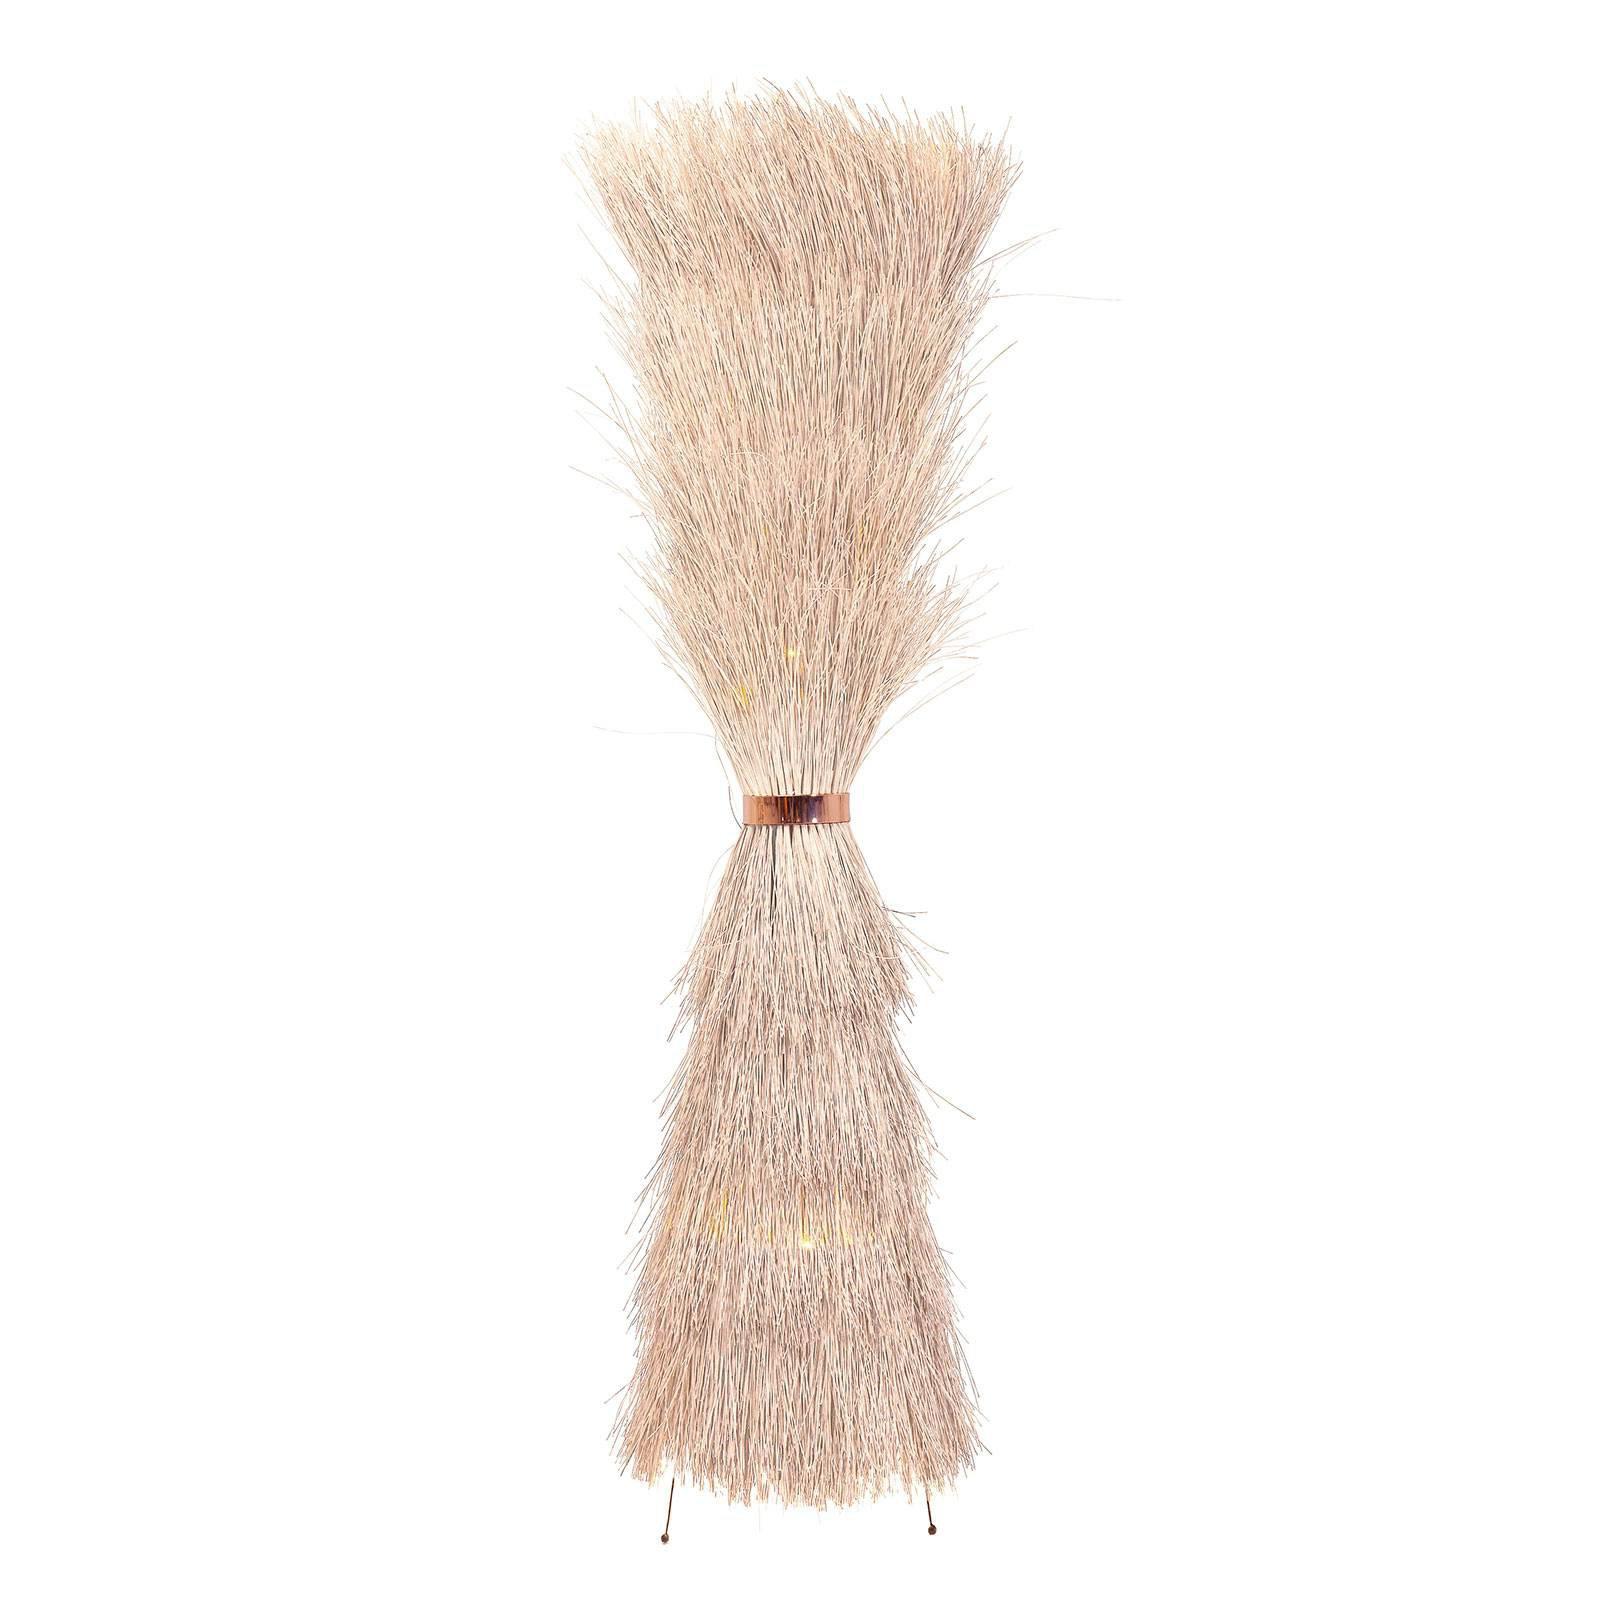 KARE Straw gulvlampe av spanskrør